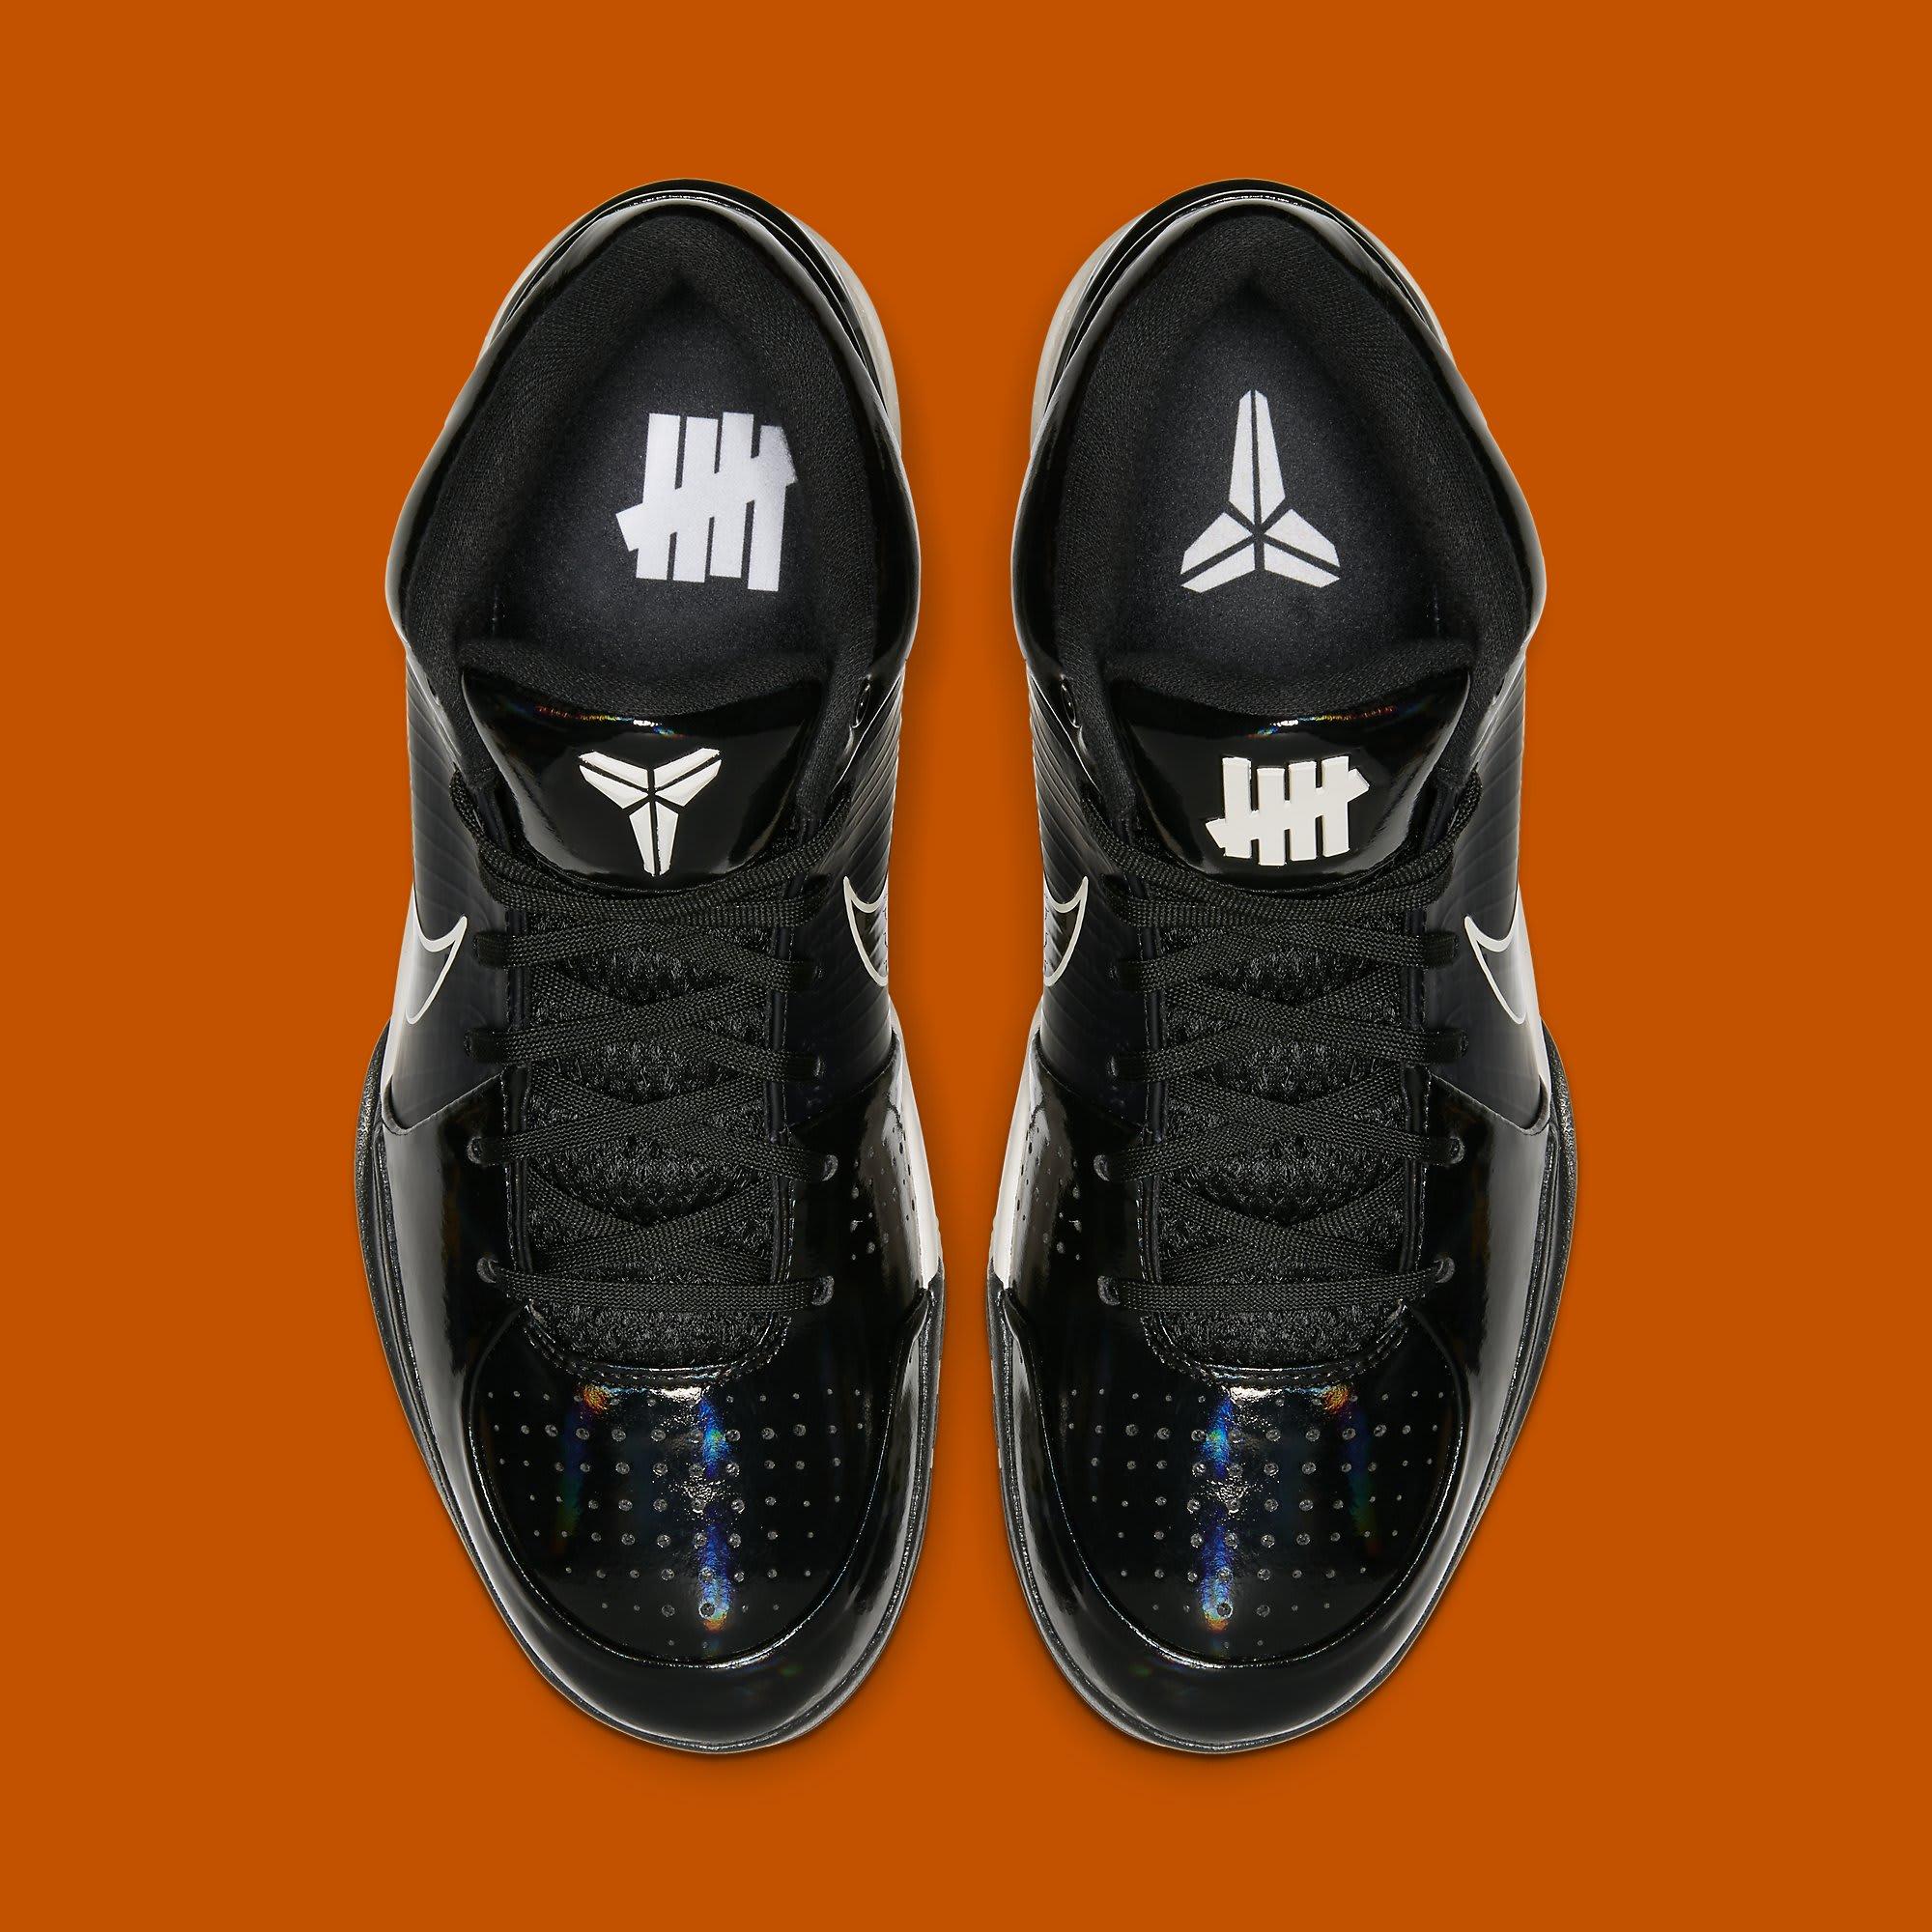 Undefeated x Nike Kobe 4 Protro 'Black Mamba' CQ3869-001 (Top)